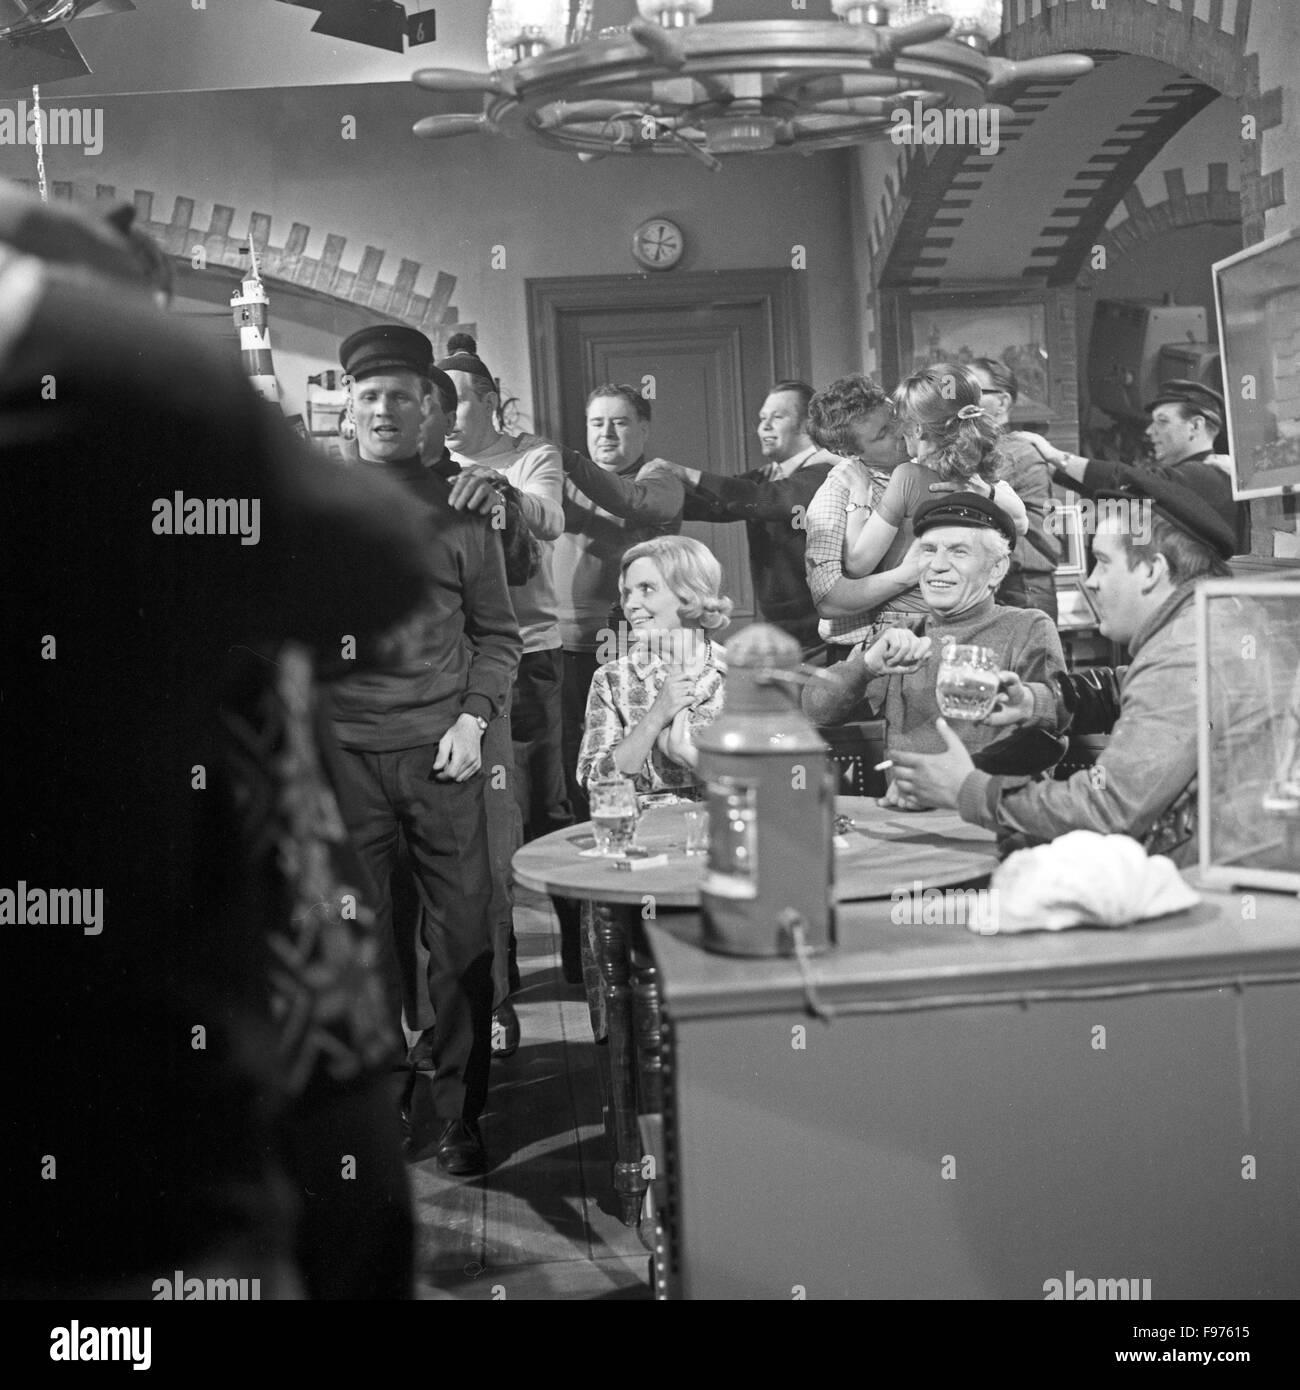 hamburg ahoi unterhaltungssendung deutschland 1969 mitwirkende heidi kabel bruno vahl berg. Black Bedroom Furniture Sets. Home Design Ideas